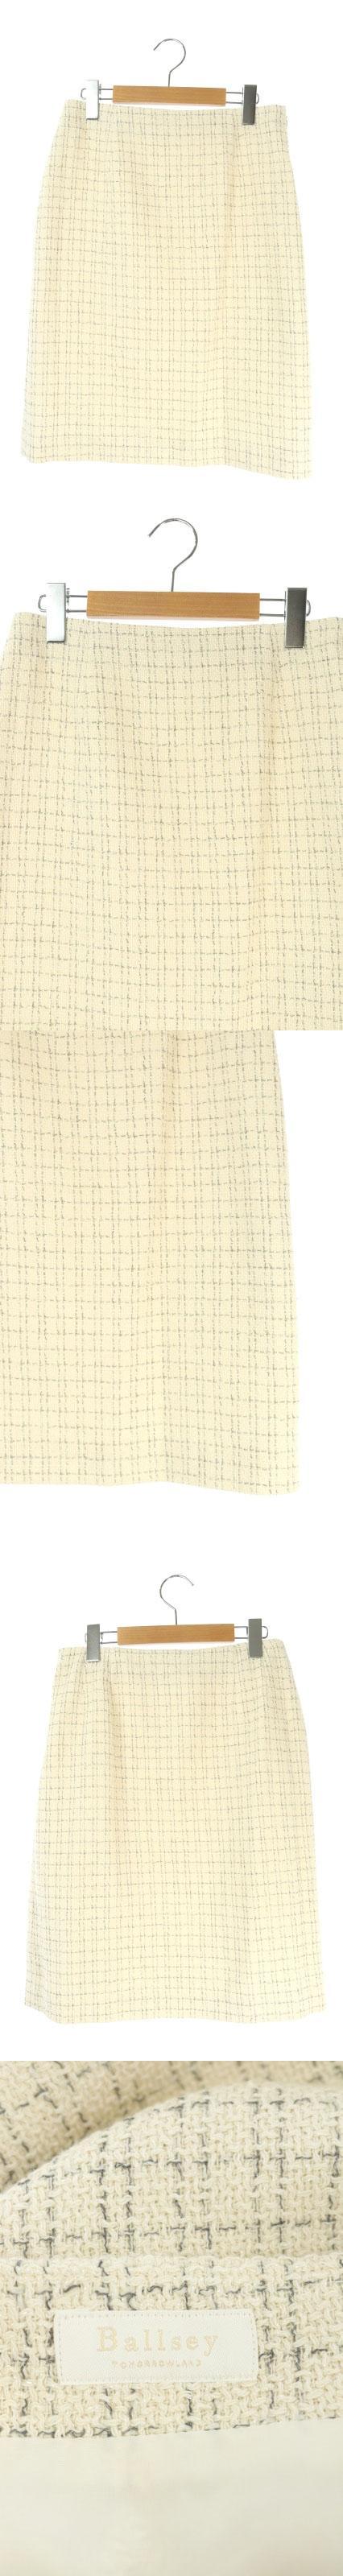 17SS スカート 膝丈 タイト チェック ツイード 36 オフホワイト グレー /ES ■OS